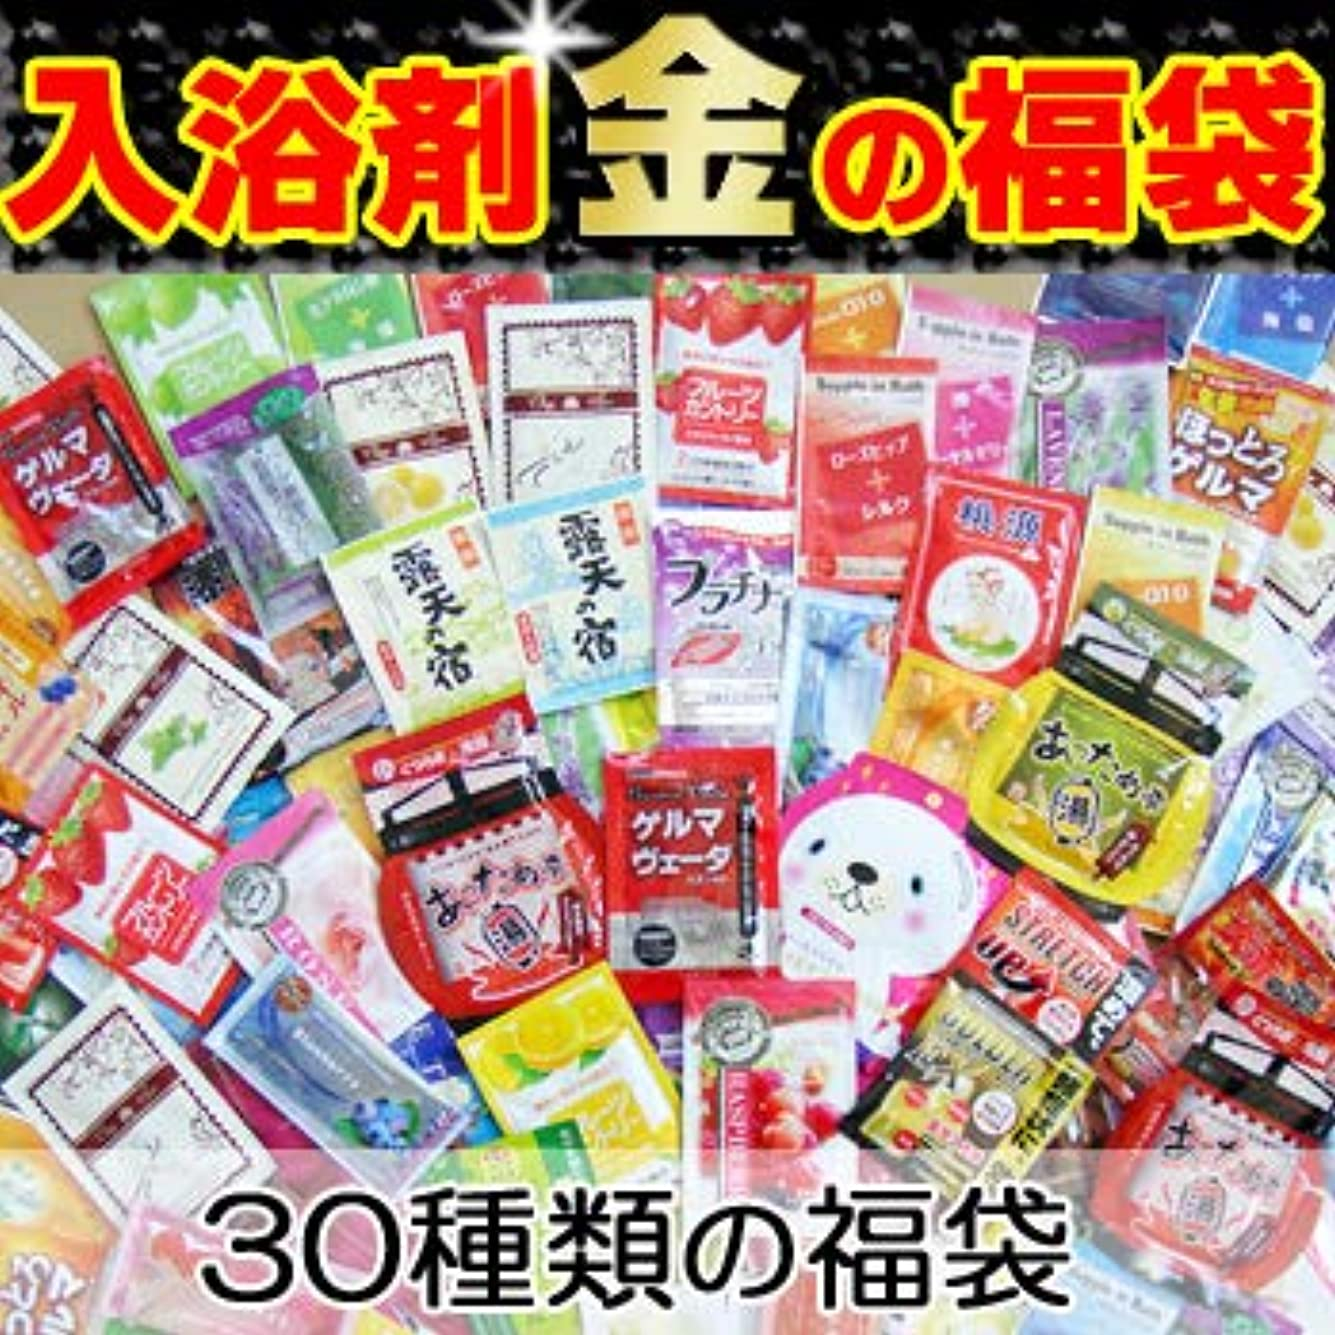 時代遅れ以降ミケランジェロお試し入浴剤 金の福袋30種類!30日分 入浴剤福袋 安心の日本製!